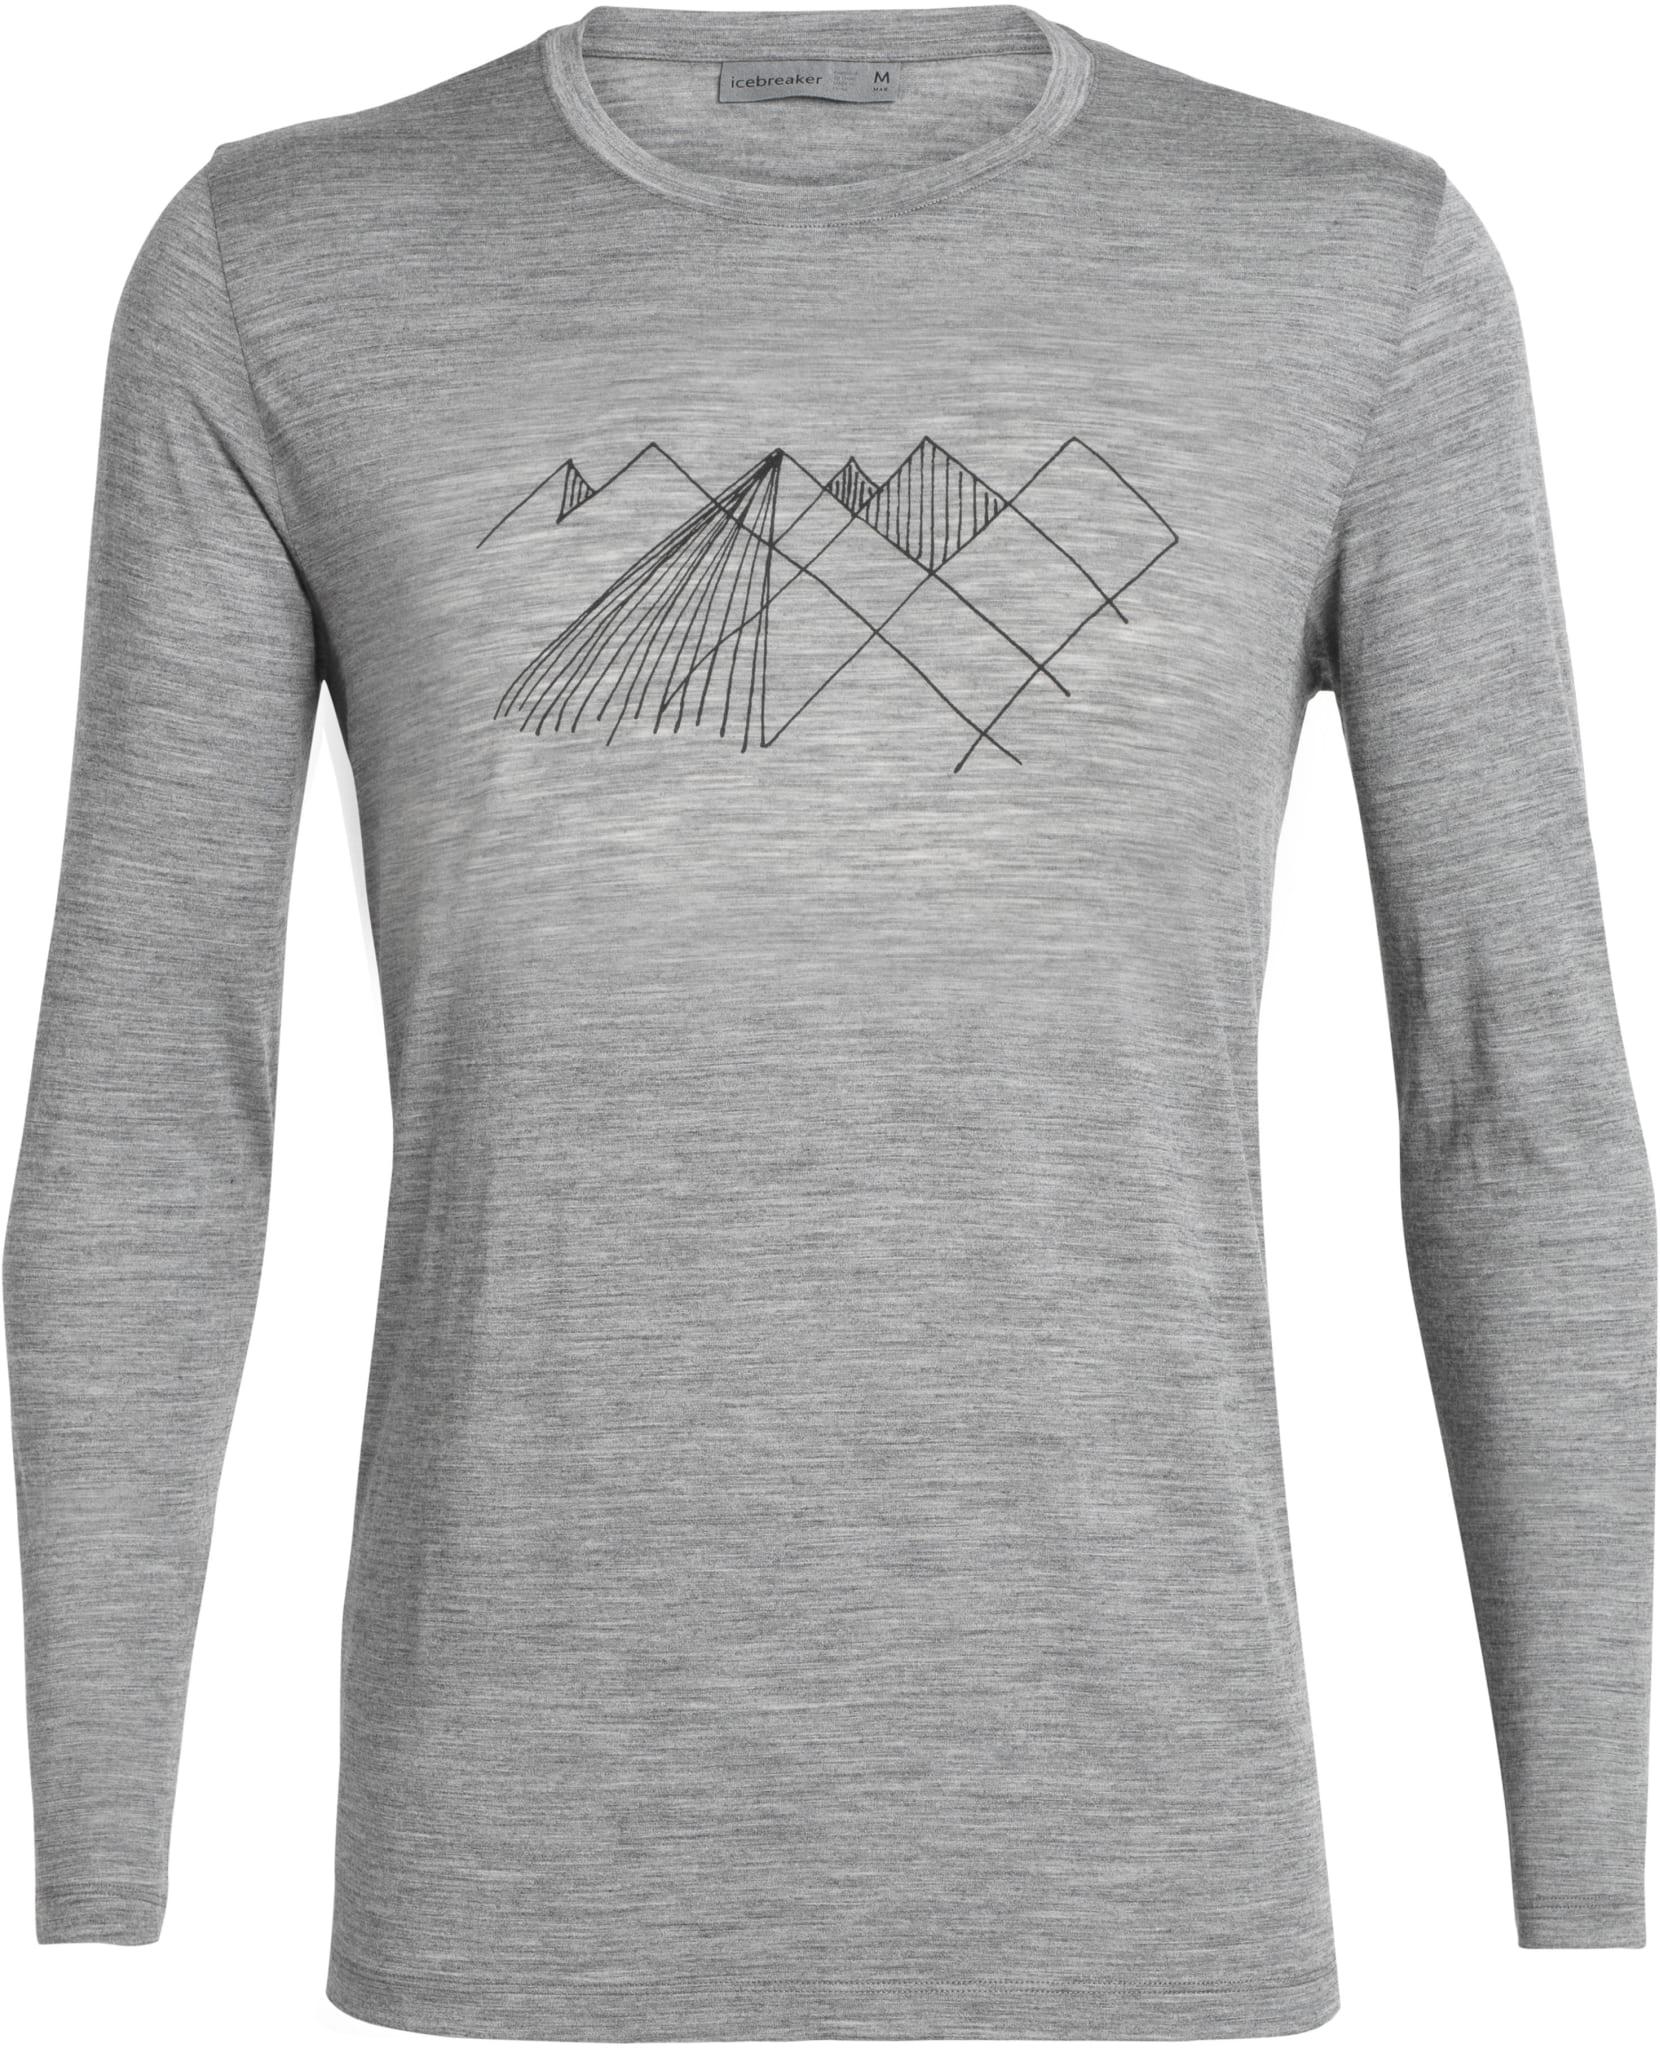 Supermyk langermet skjorte i merinoull med print